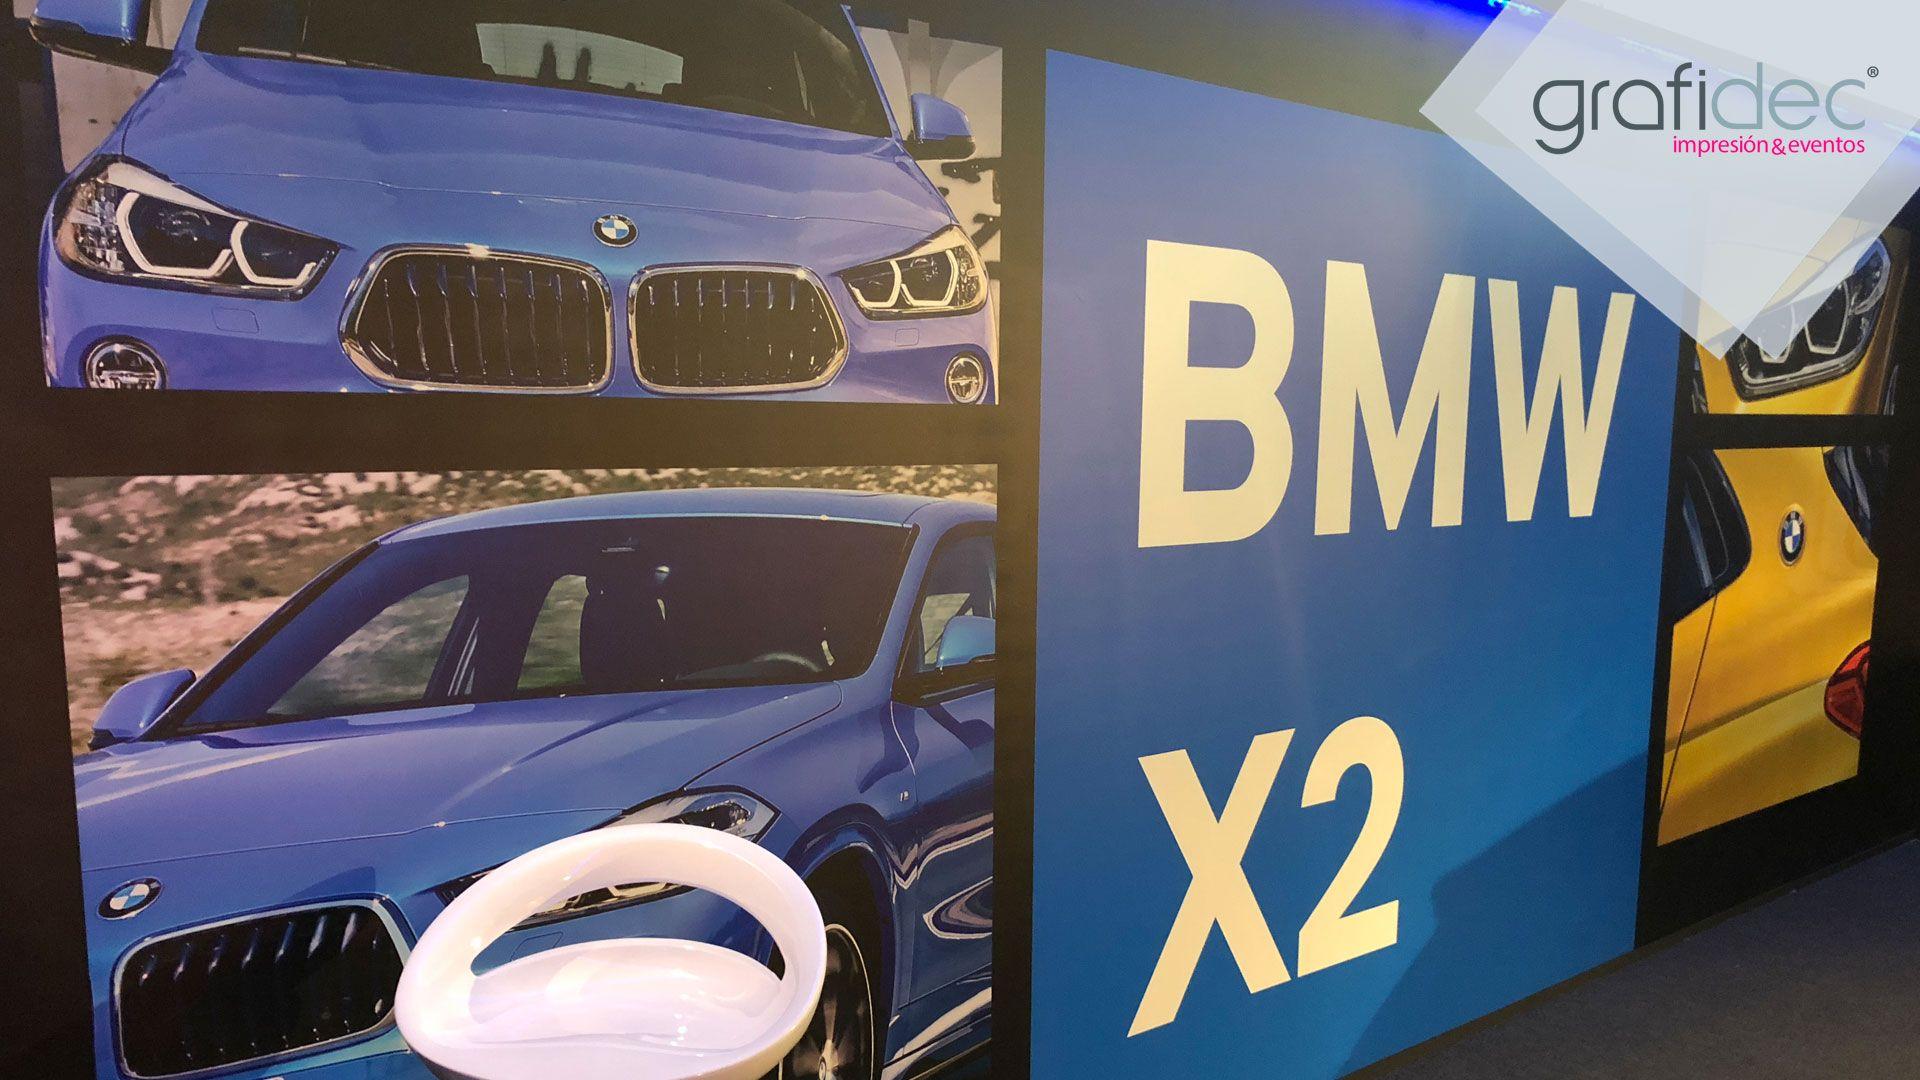 diseño-de-stand-para-bmw-lanzamiento-x2